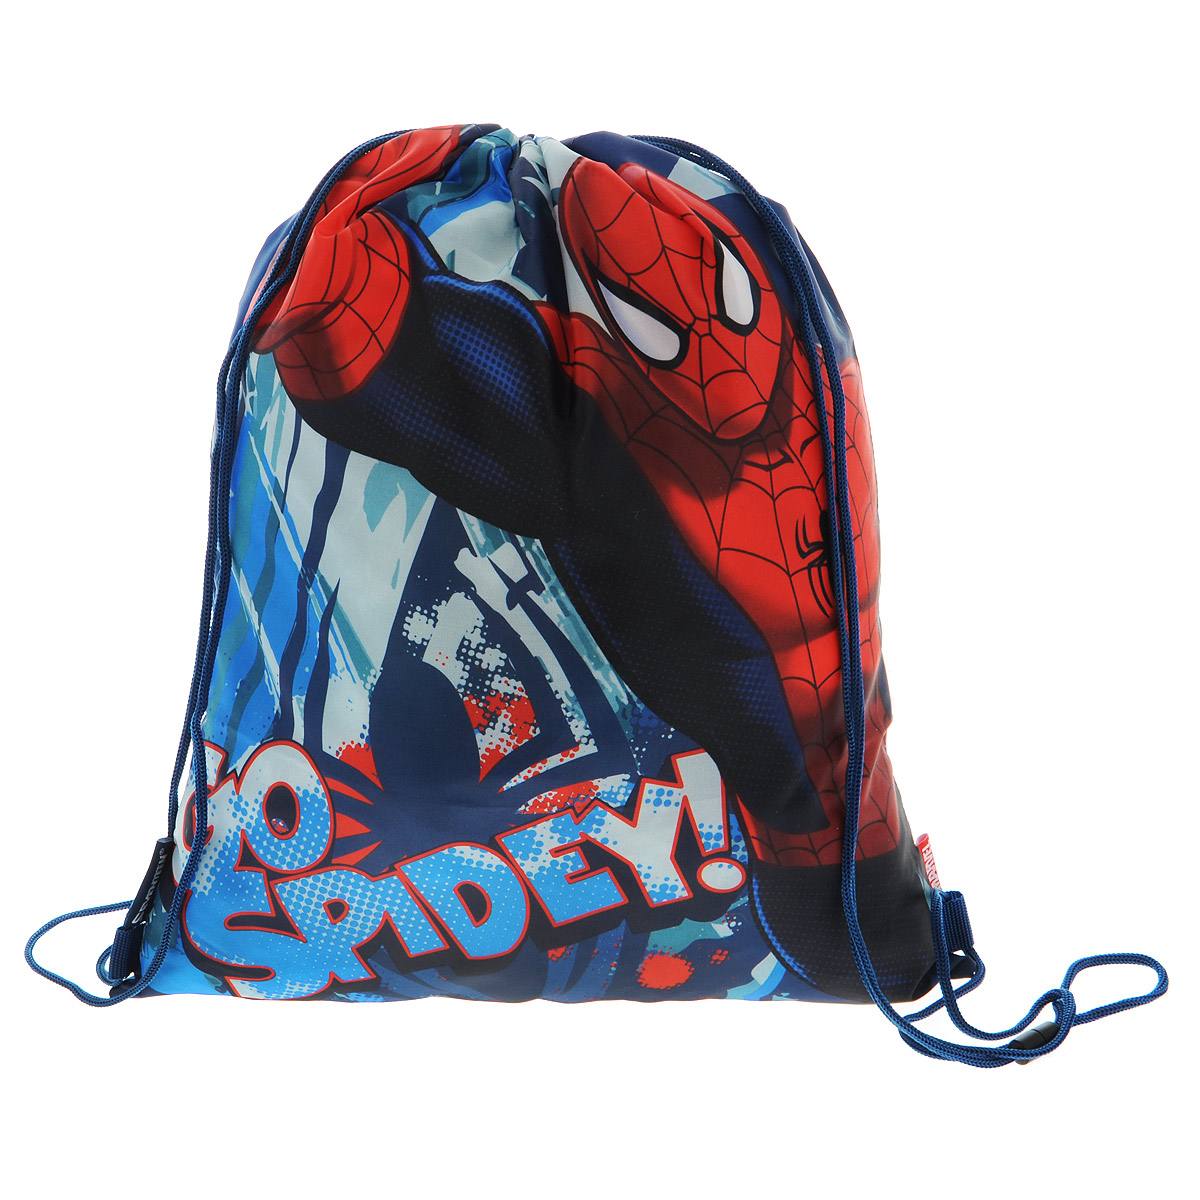 Spider-Man Сумка для сменной обуви Spider-man Classic цвет синий красныйSMCB-MT1-883Сумка для сменной обуви Spider-man Classic идеально подойдет как для хранения, так и для переноски сменной обуви и одежды. Сумка выполнена из прочного водонепроницаемого полиэстера и содержит одно вместительное отделение, затягивающееся с помощью текстильных шнурков. Шнурки фиксируются в нижней части сумки, благодаря чему ее можно носить за спиной как рюкзак.Оформлено изделие изображением любимого героя фильмов человеком-пауком. Ваш ребенок с радостью будет ходить с таким аксессуаром в школу.